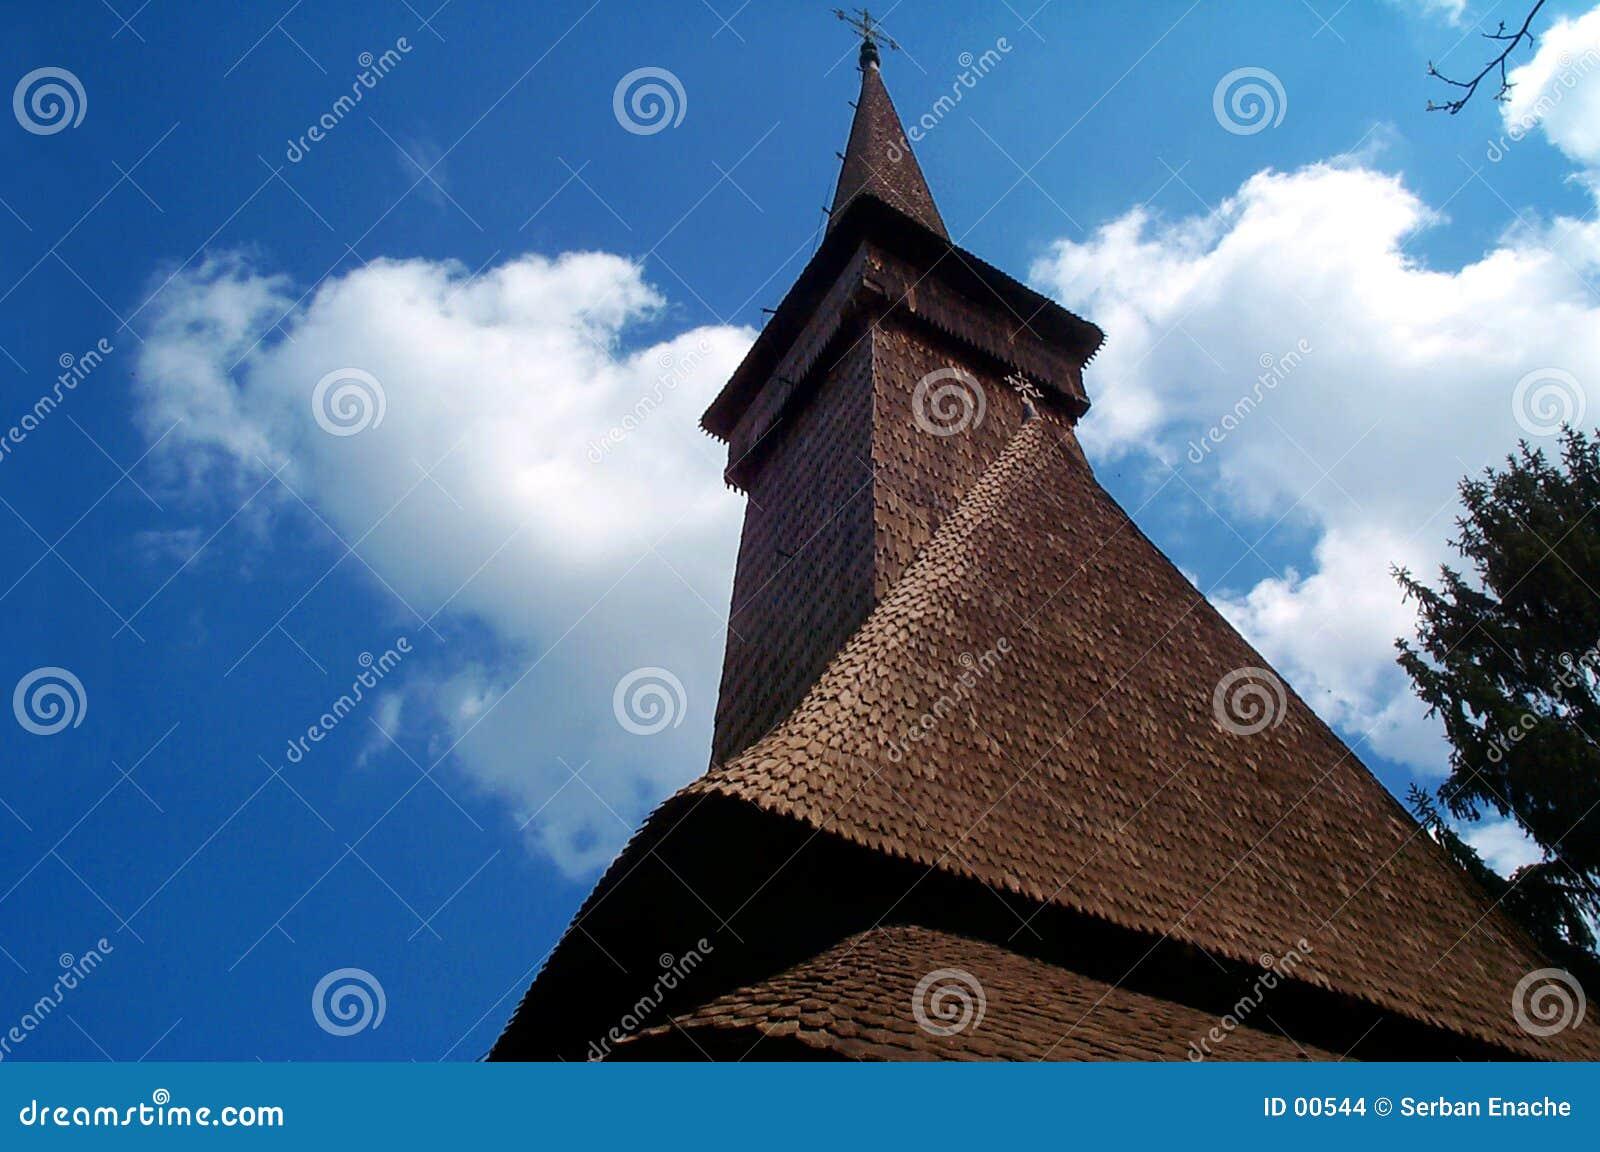 Old European church